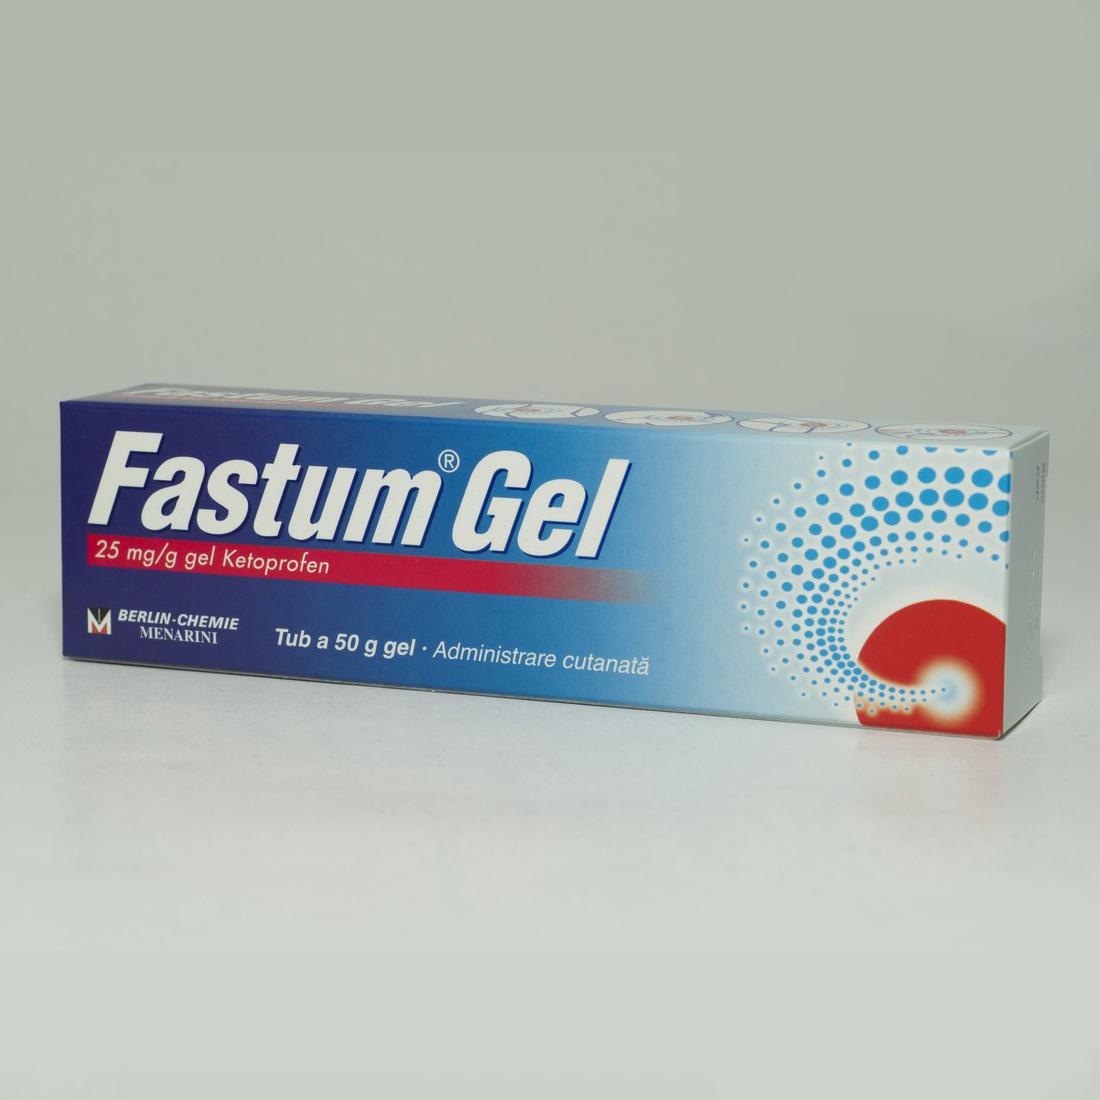 geluri antiinflamatorii nesteroidiene impotriva durerilor articulare si musculare